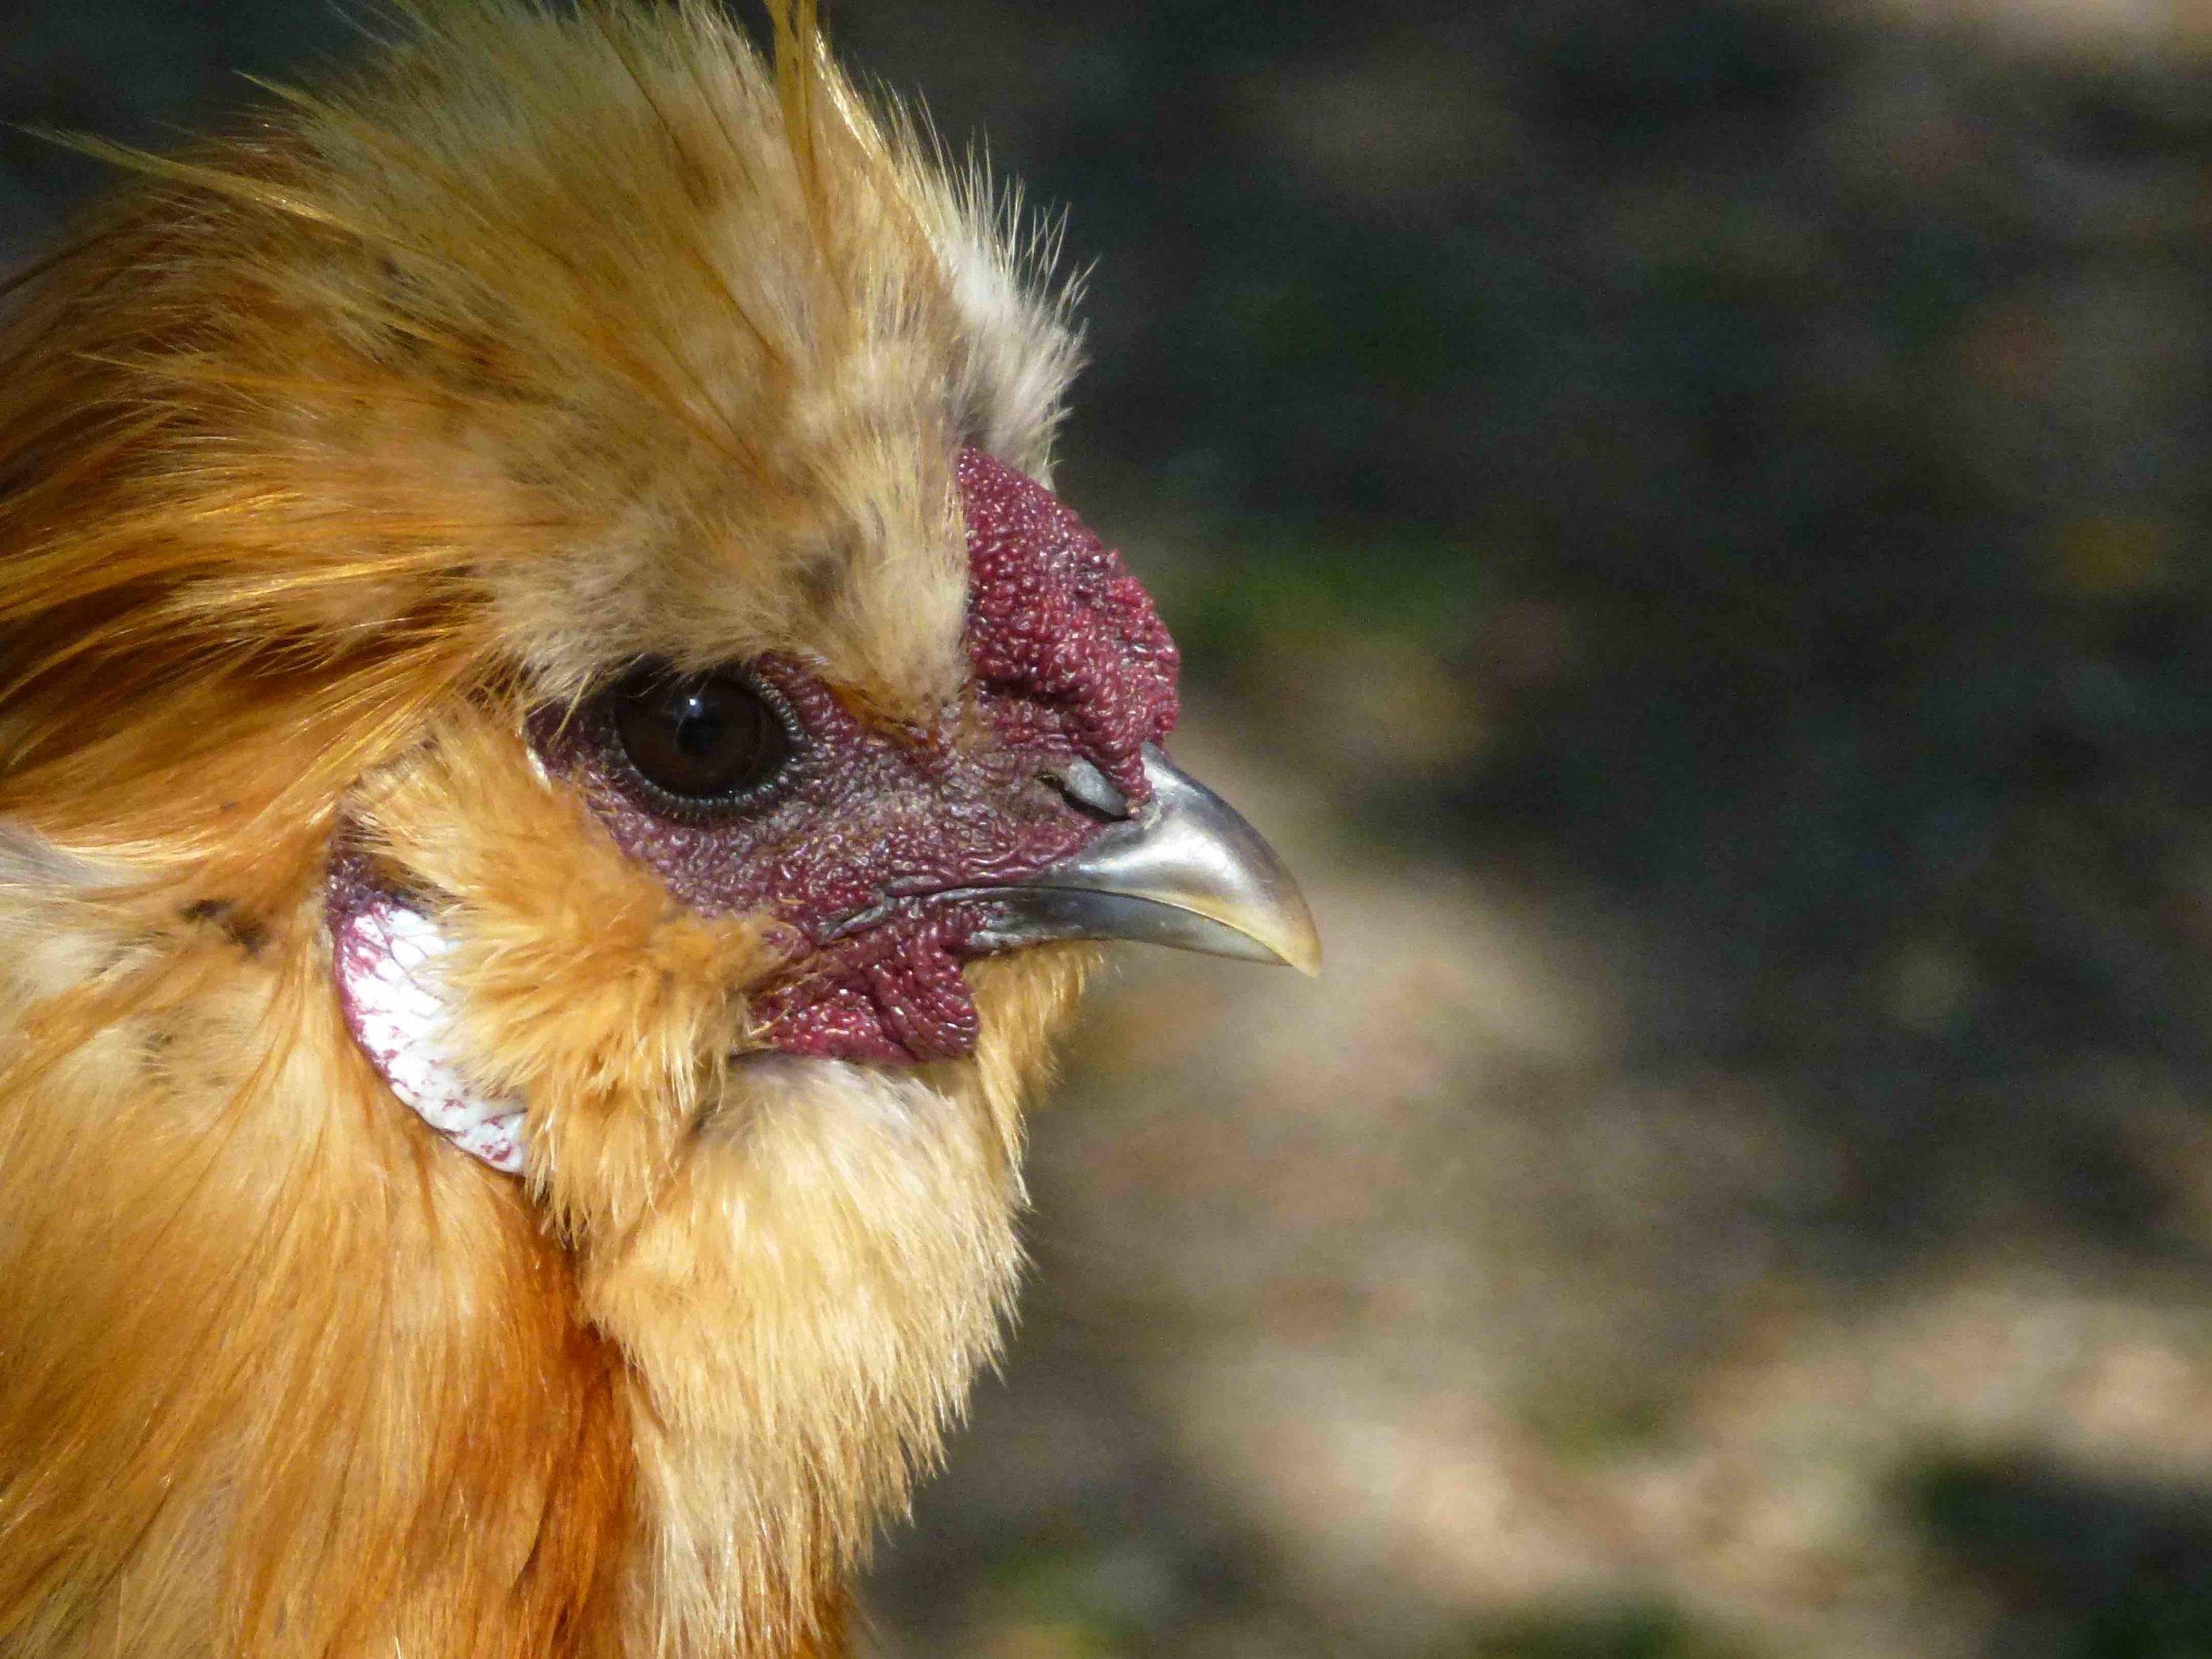 Nos poules ne sont que des reptiles emplumés, regardez  leurs pattes recouvertes d'écaille façon lézard.